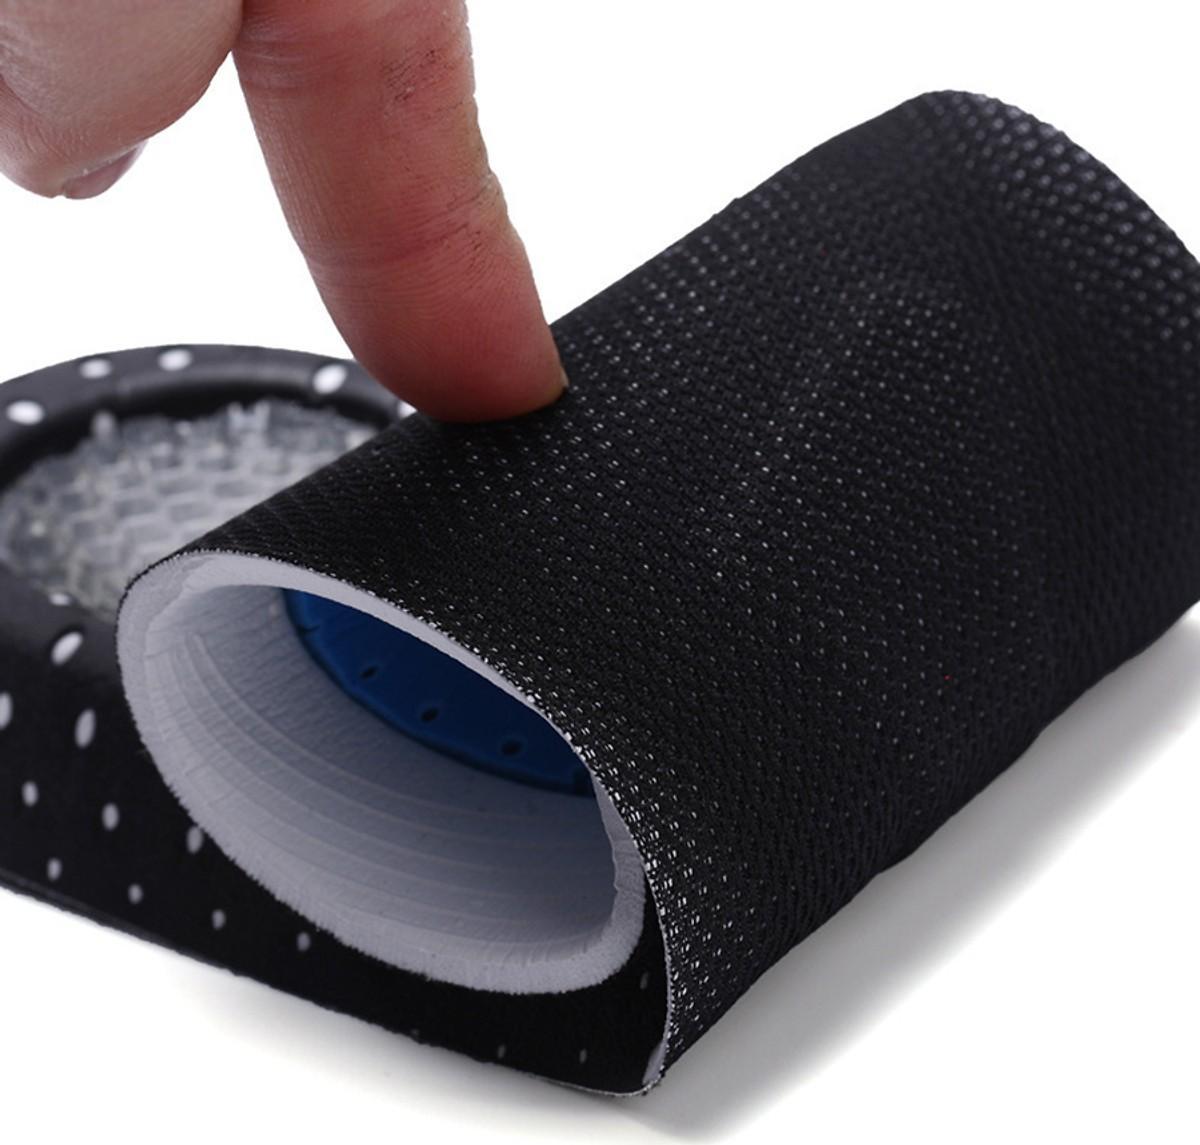 Lót Giày Nam tăng lực chạy Run Sport chính hãng sunzin  - Loại chuyên dùng cho vận động viên thể thao